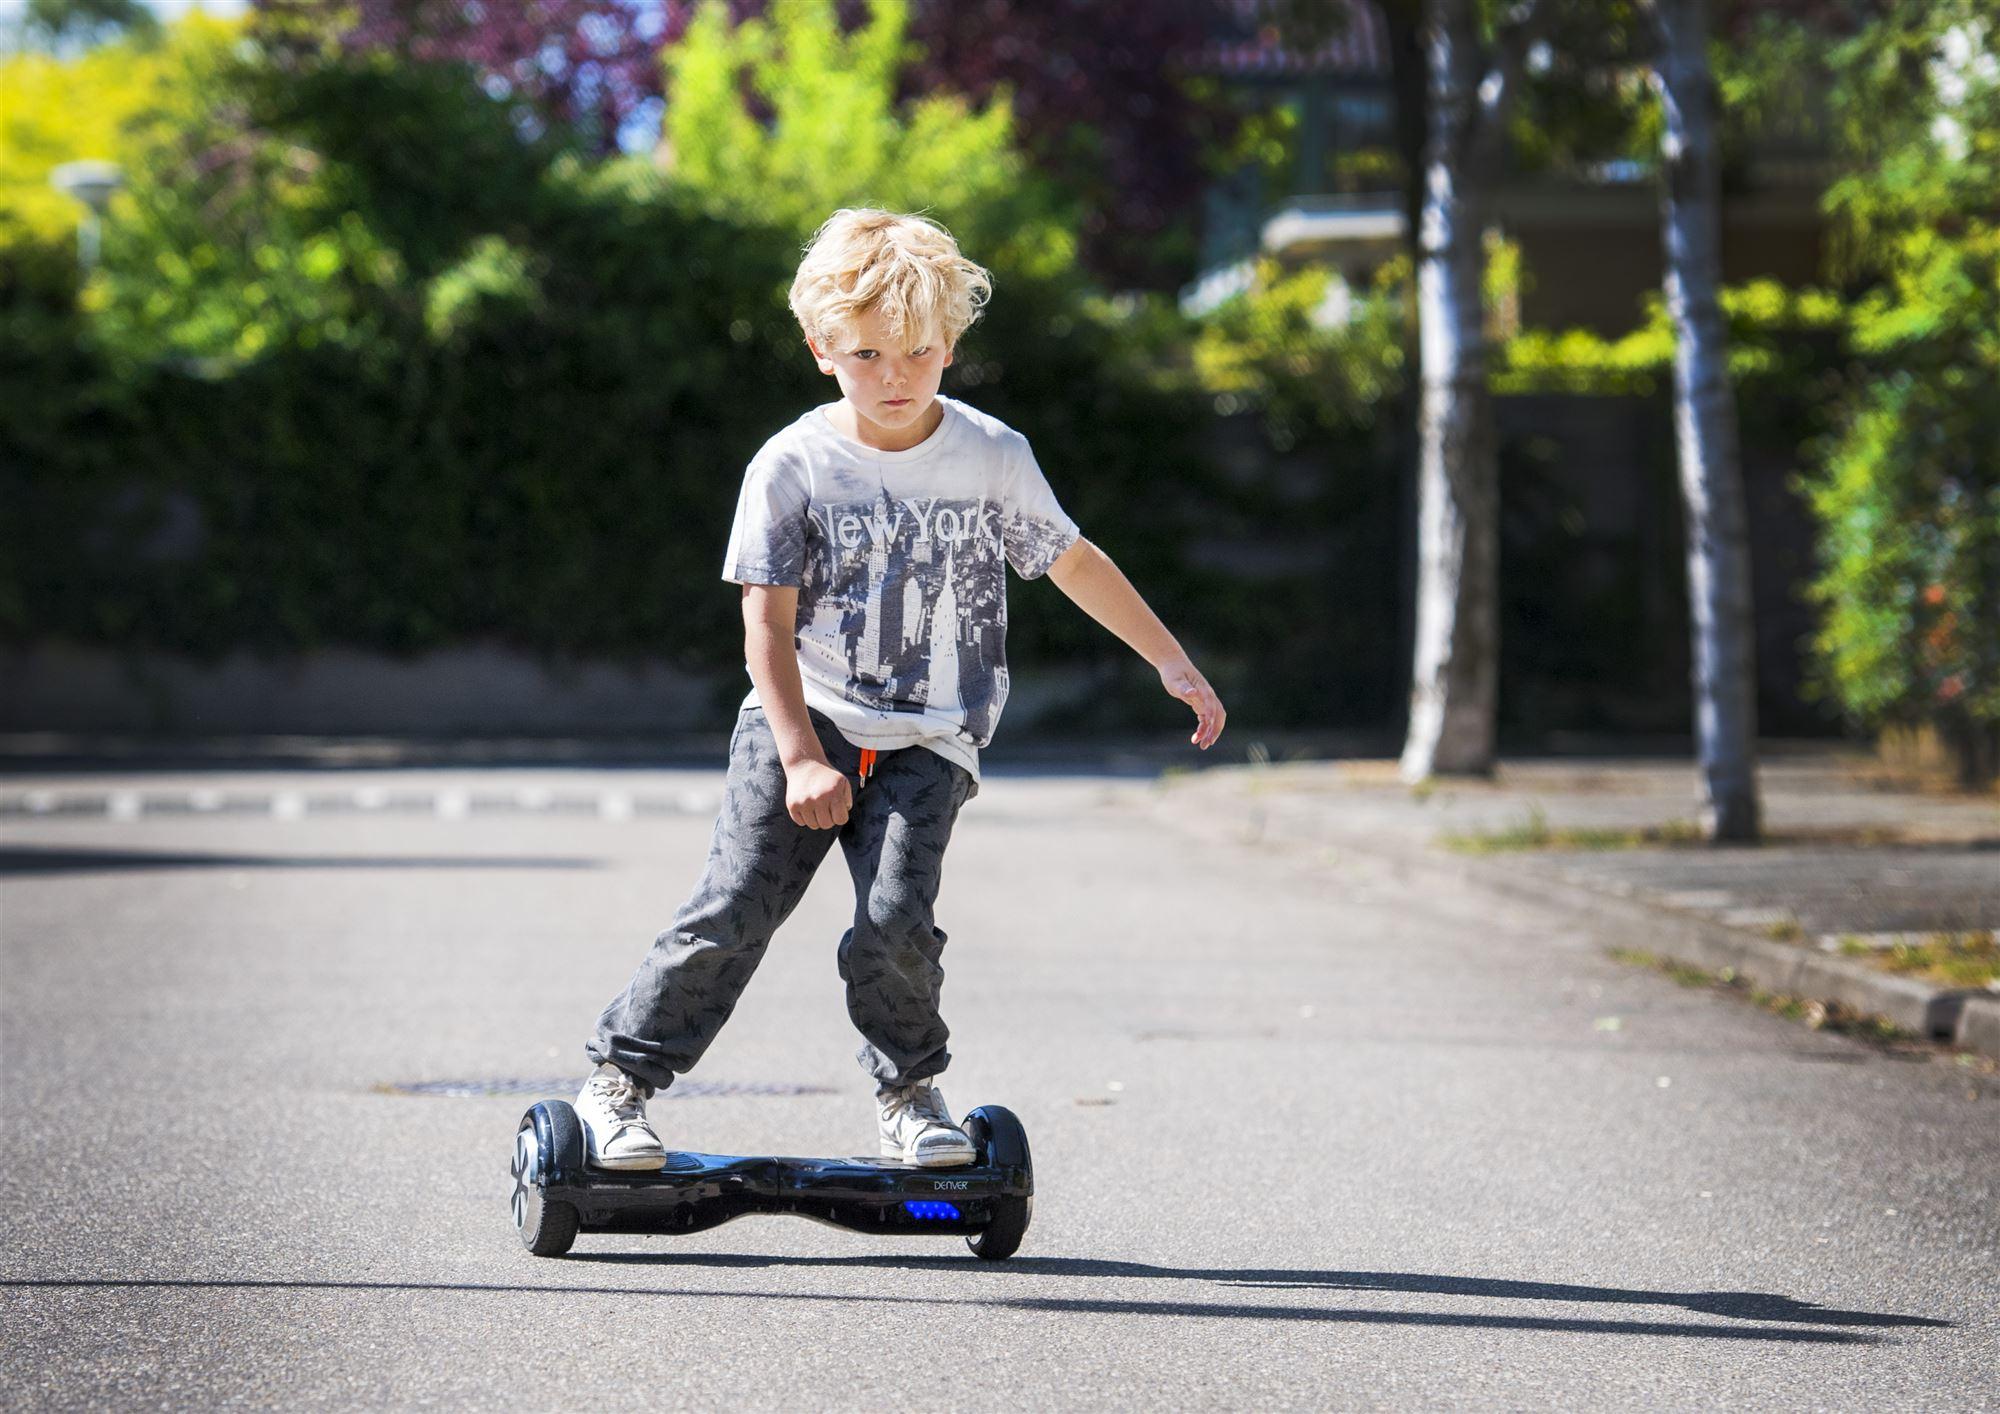 Рейтинг лучших гироскутеров для детей на 2021 год